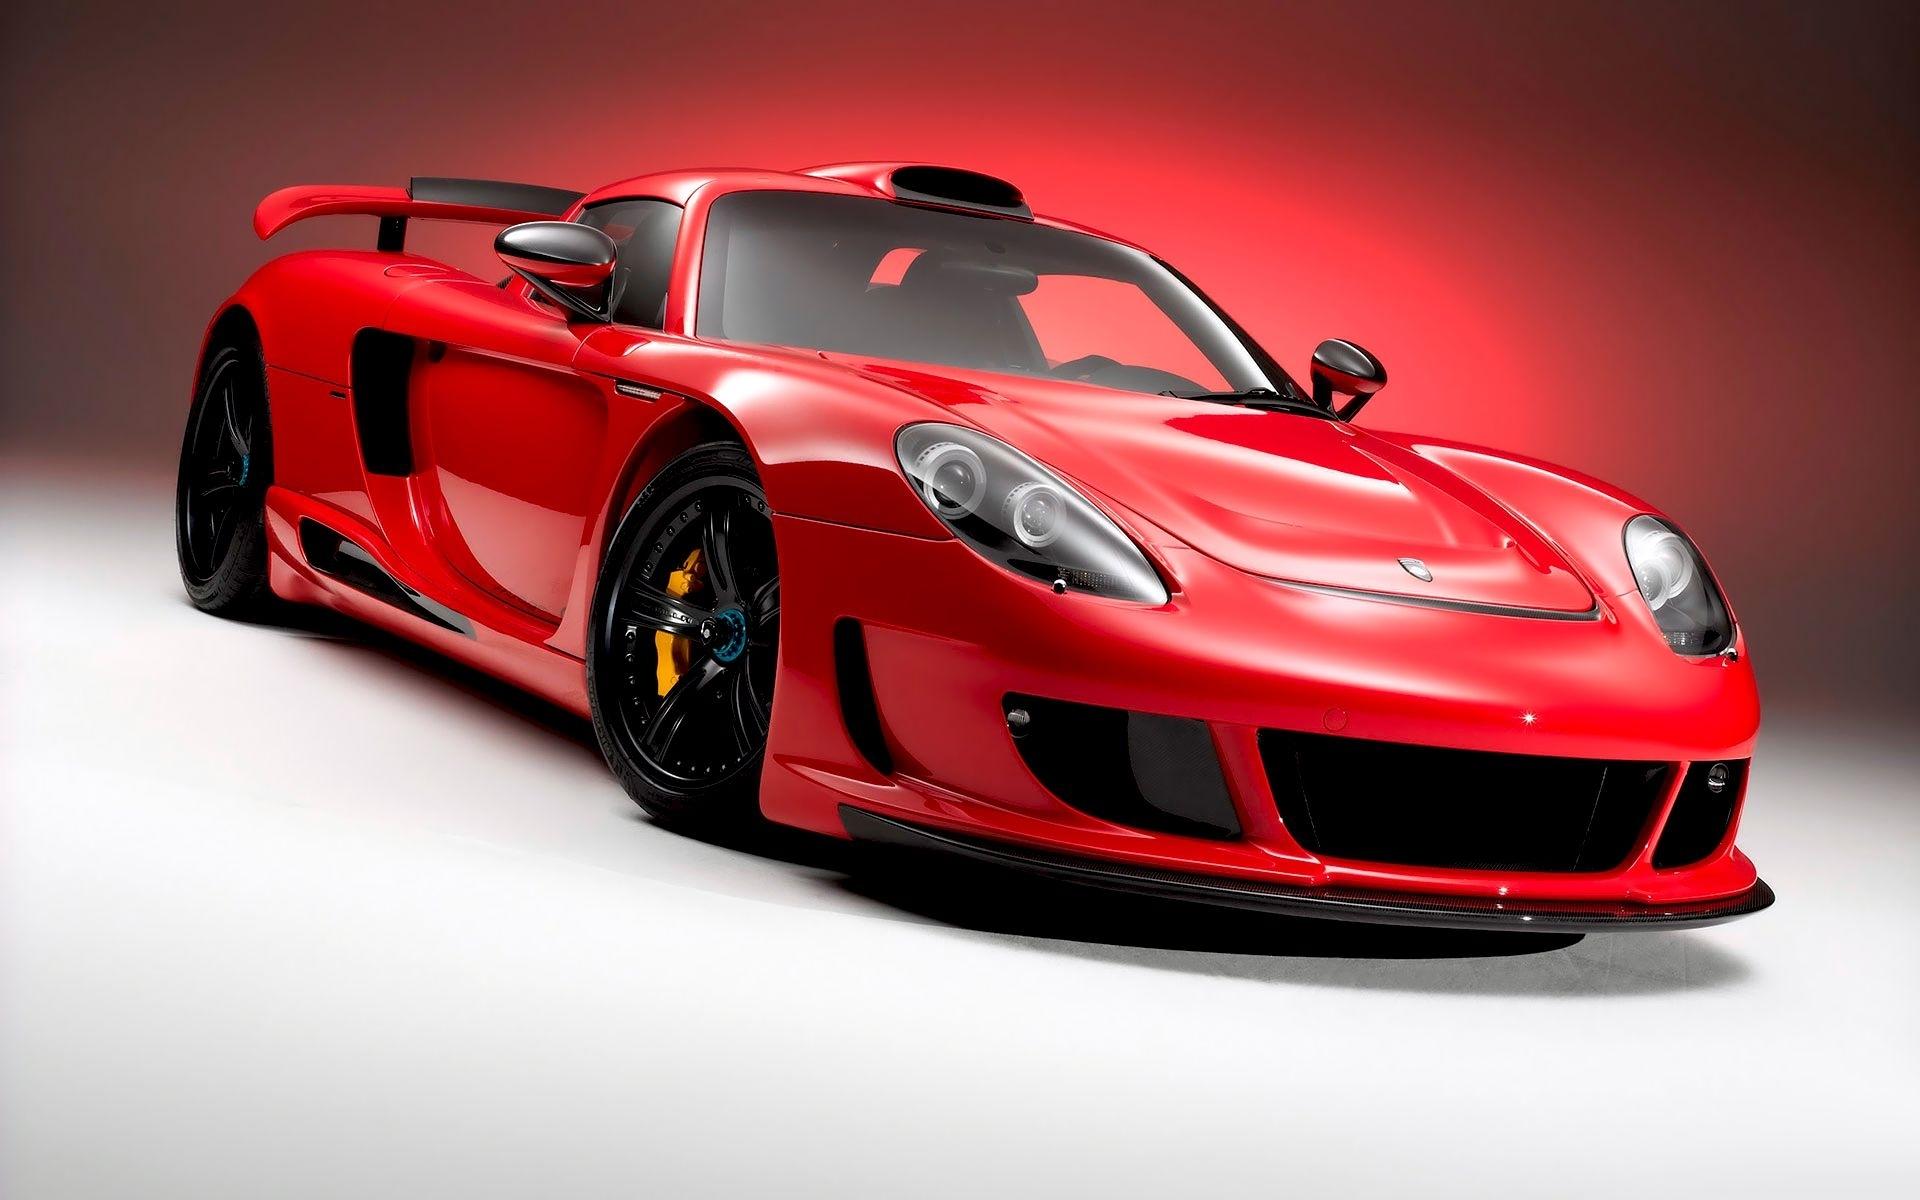 Скачать картинку Порш (Porsche), Машины, Транспорт в телефон бесплатно.